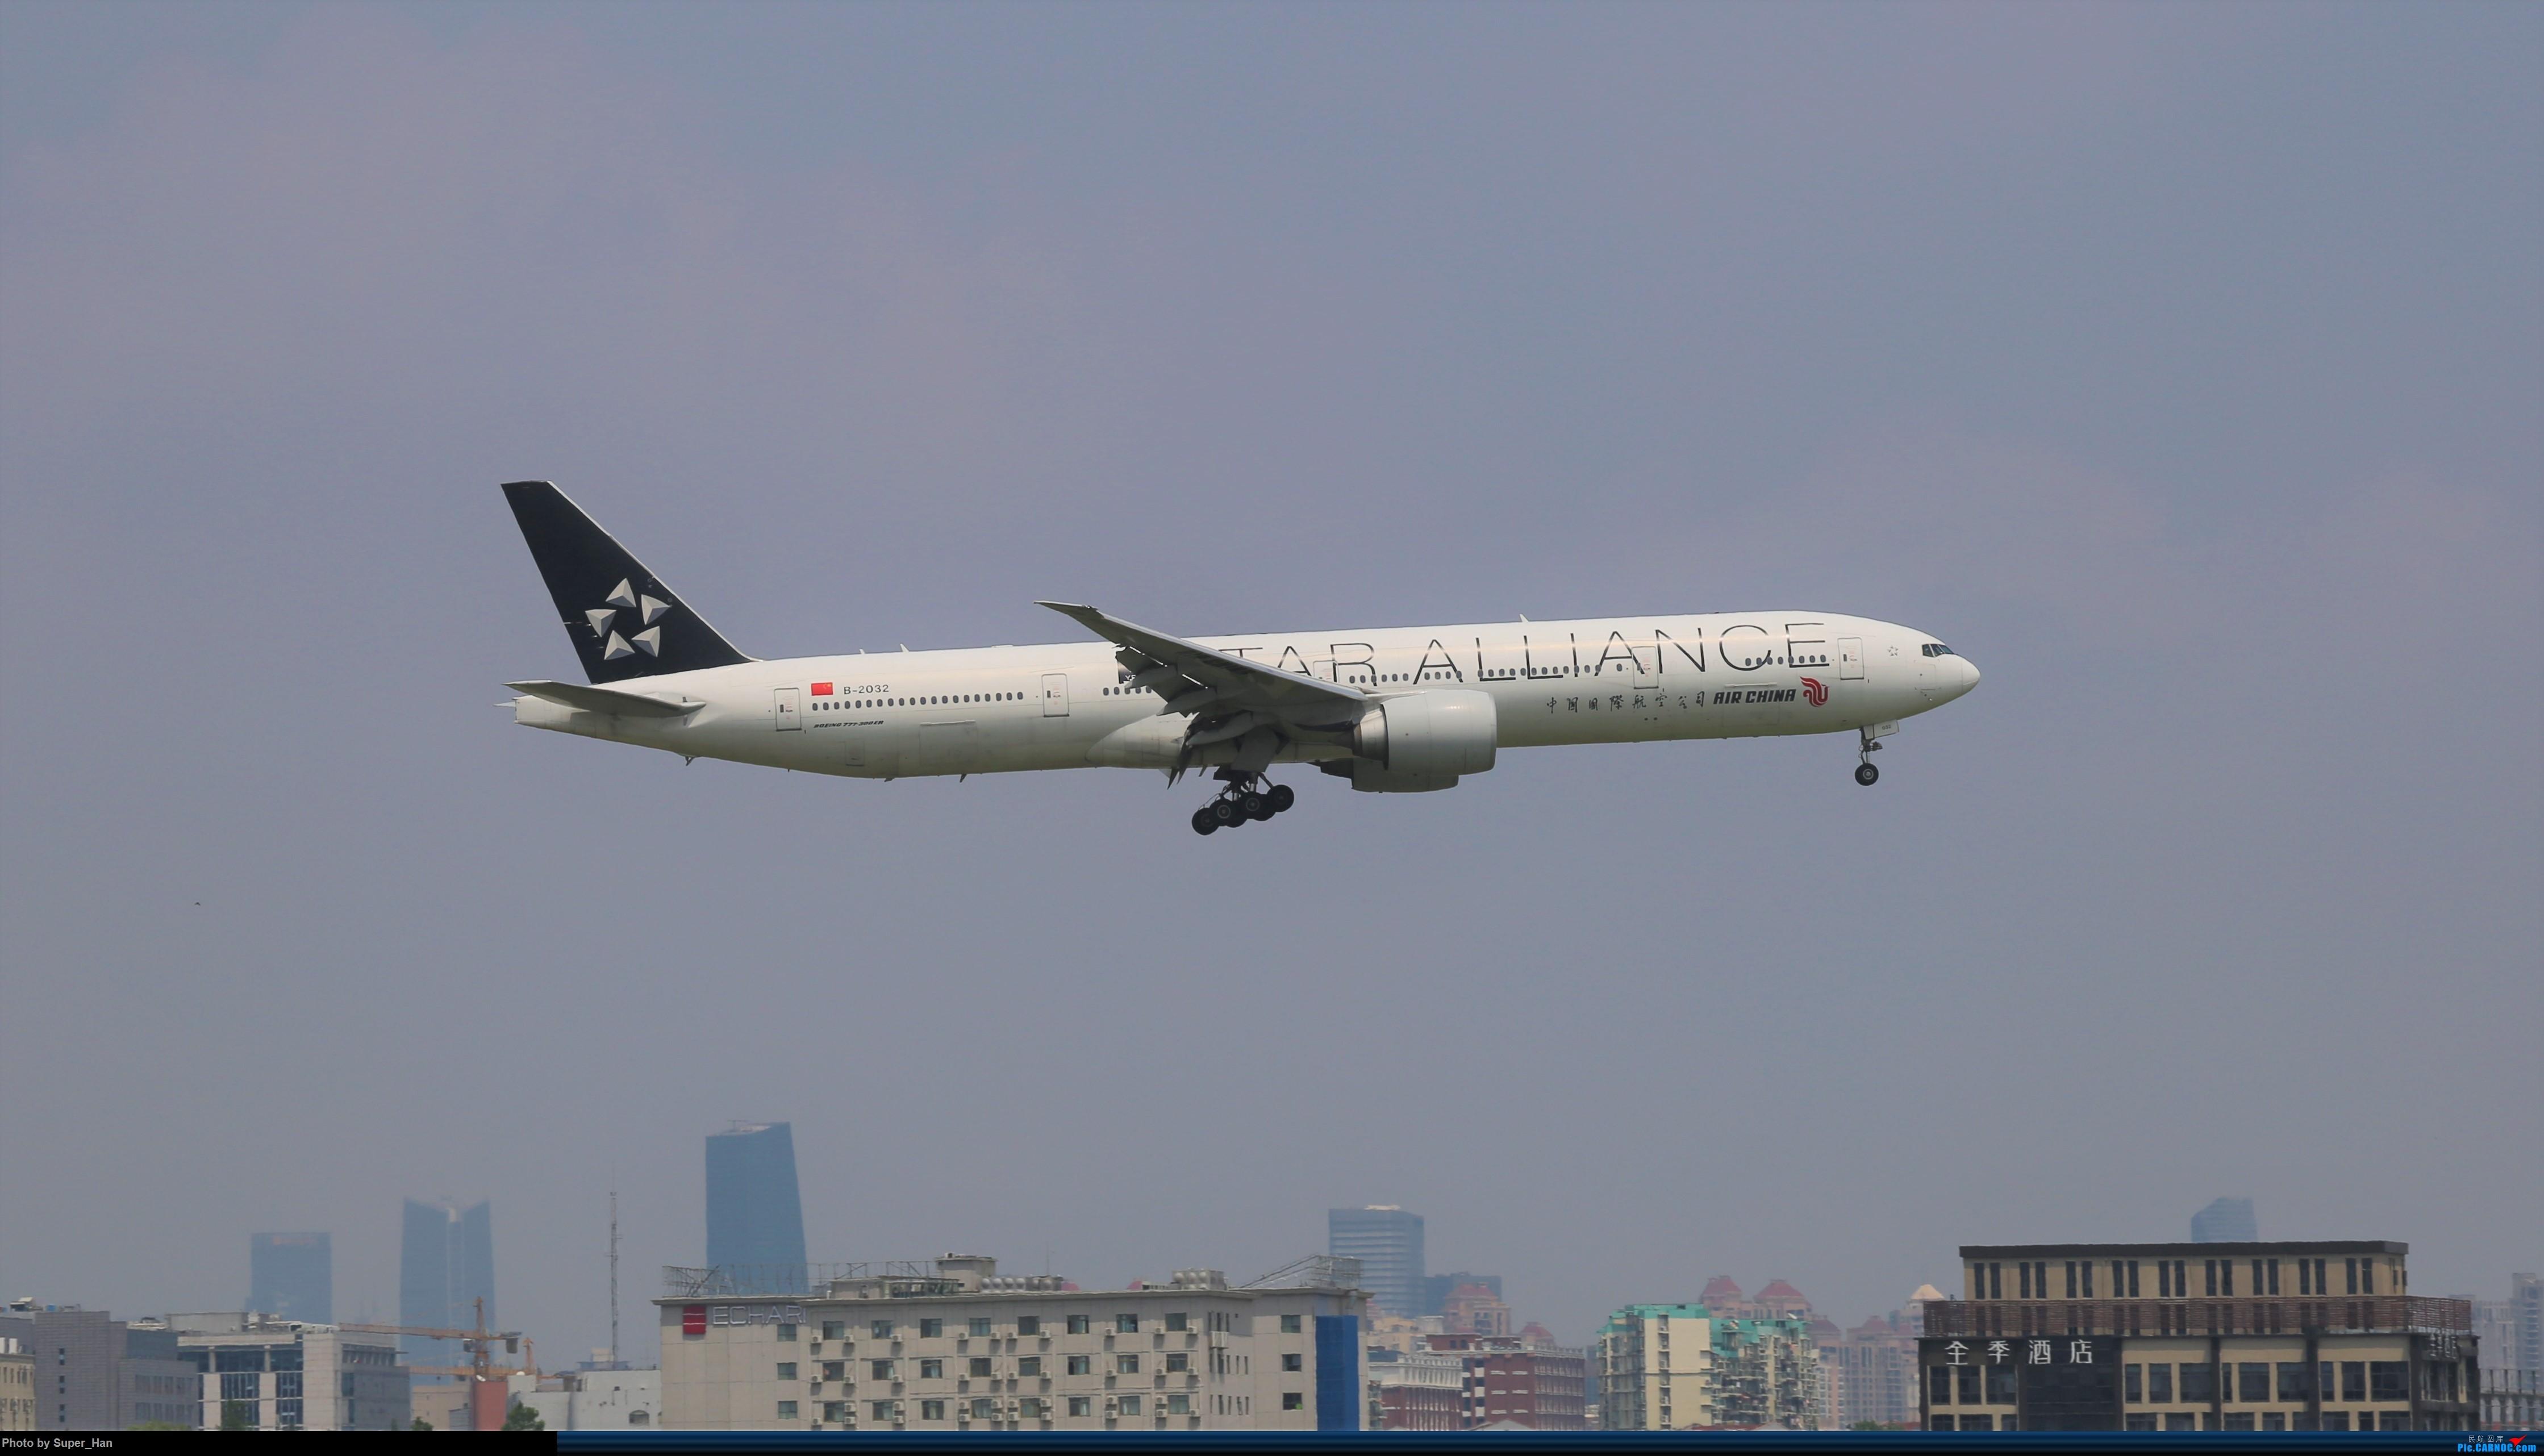 【杭州飞友会】0715去虹桥说走就走【777篇】 BOEING 777-300ER B-2032 中国上海虹桥国际机场